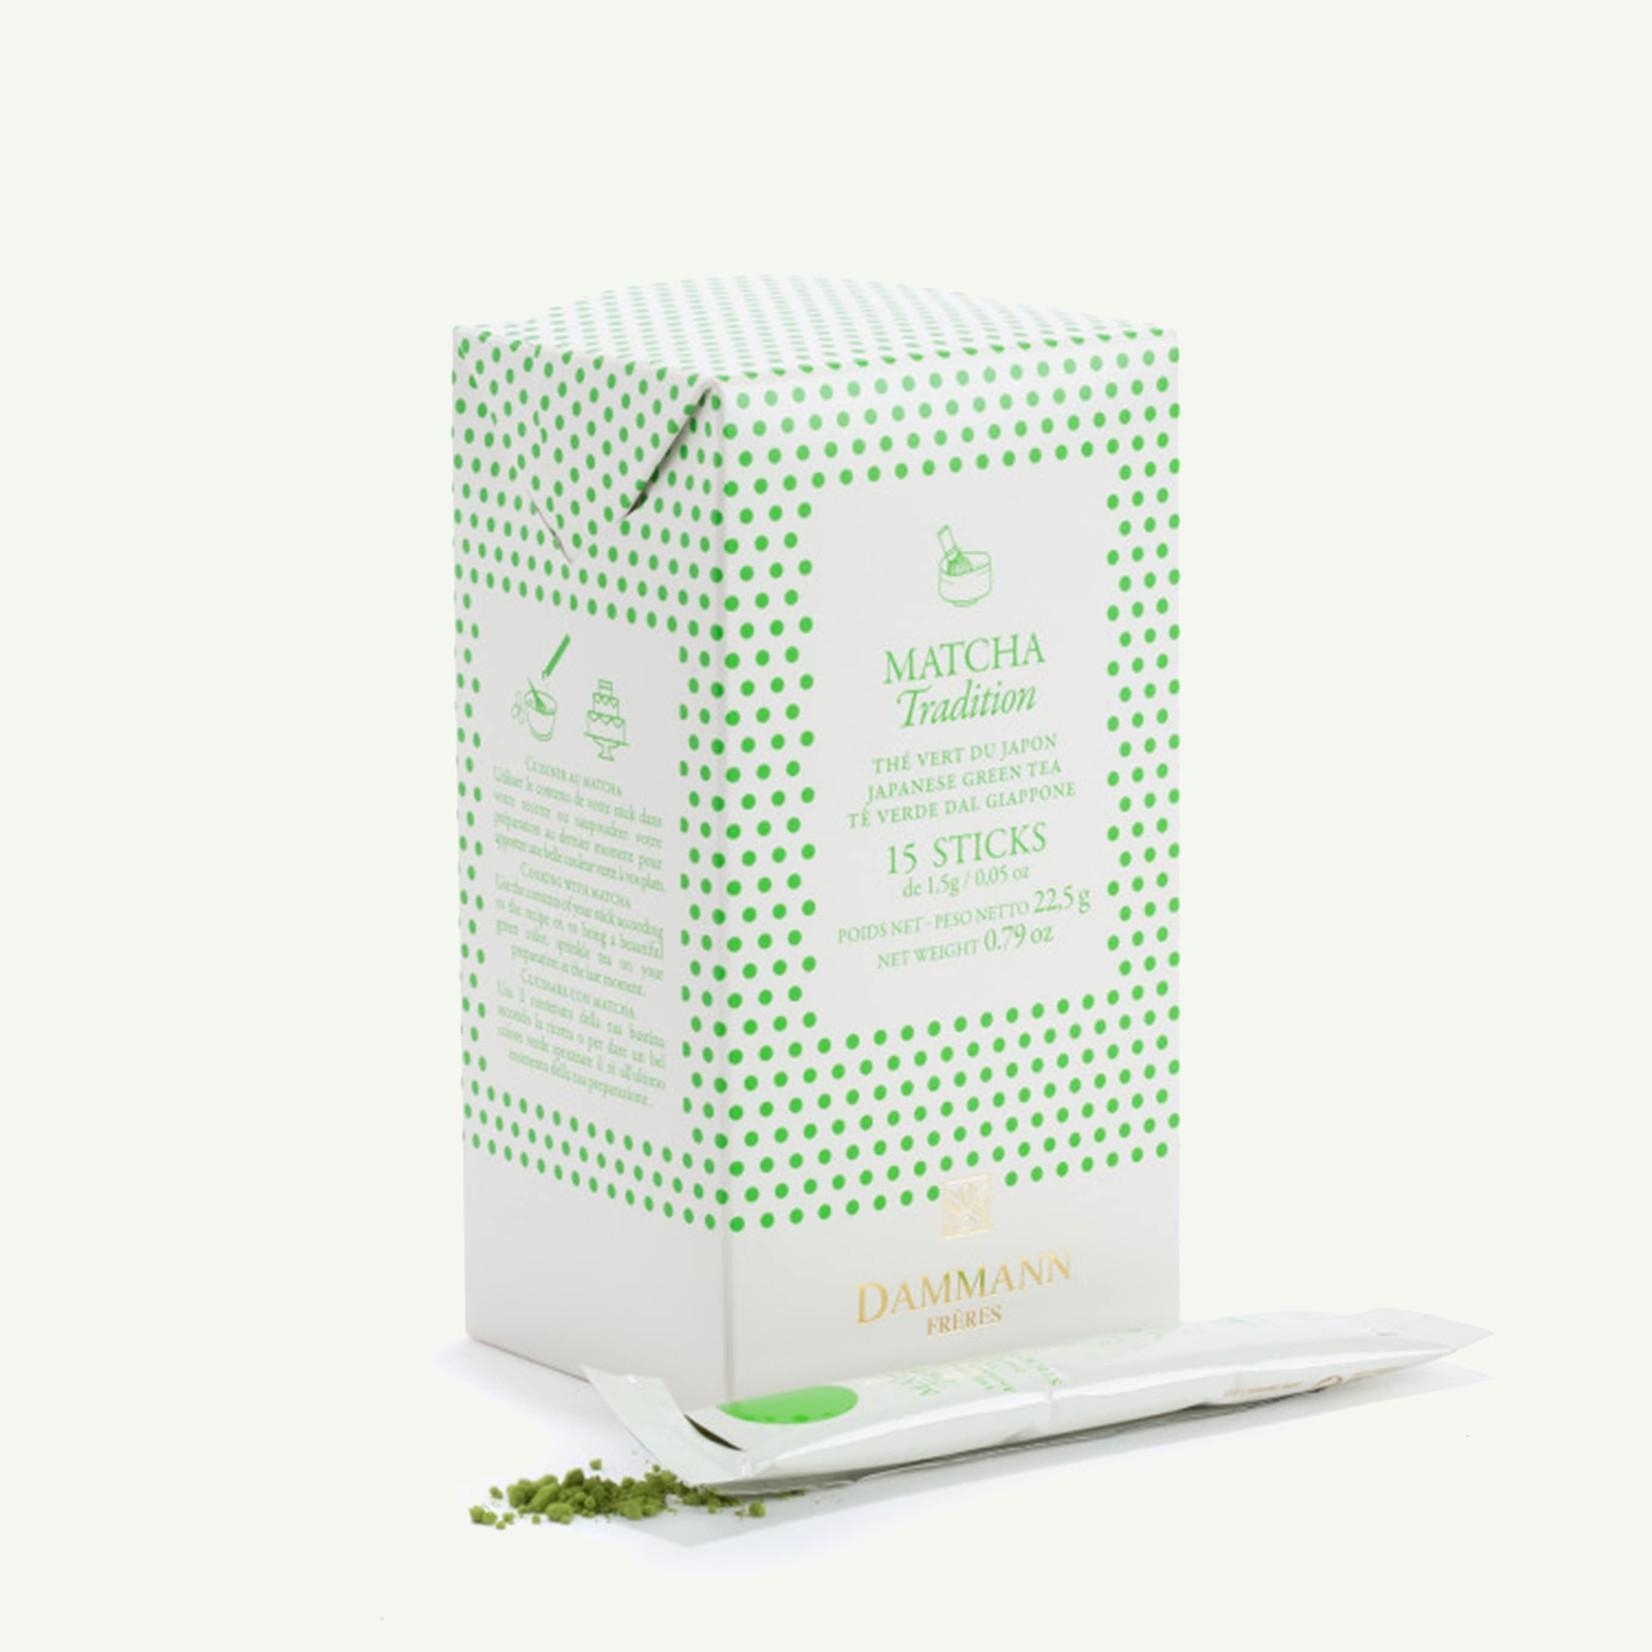 Dammann Dammann 'Matcha Tradition Sticks - Green tea Japan 15 x 1'